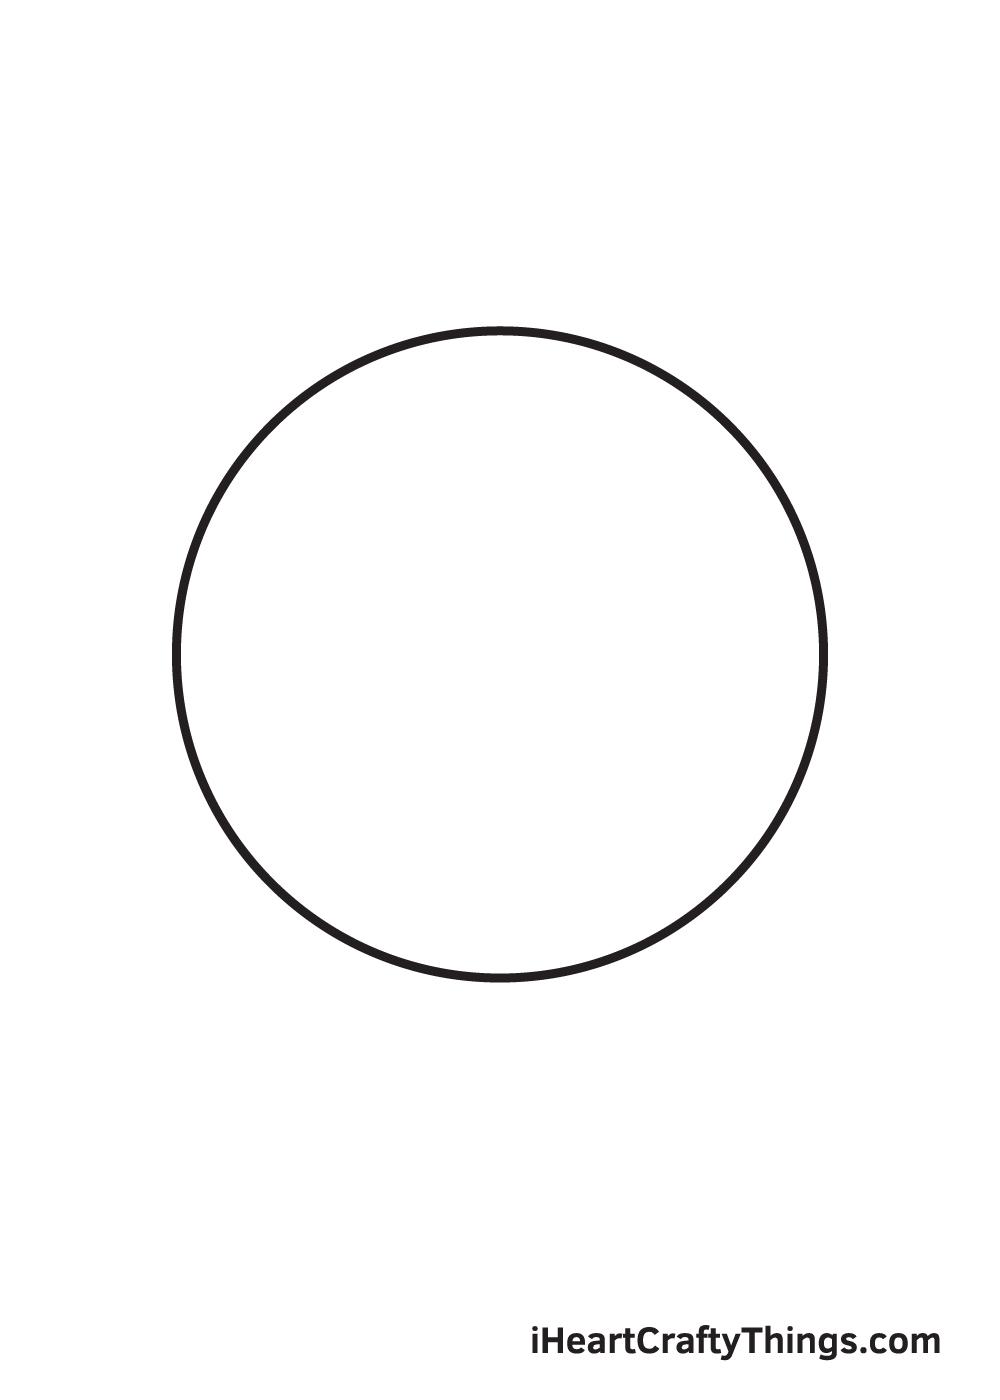 circle drawing step 9